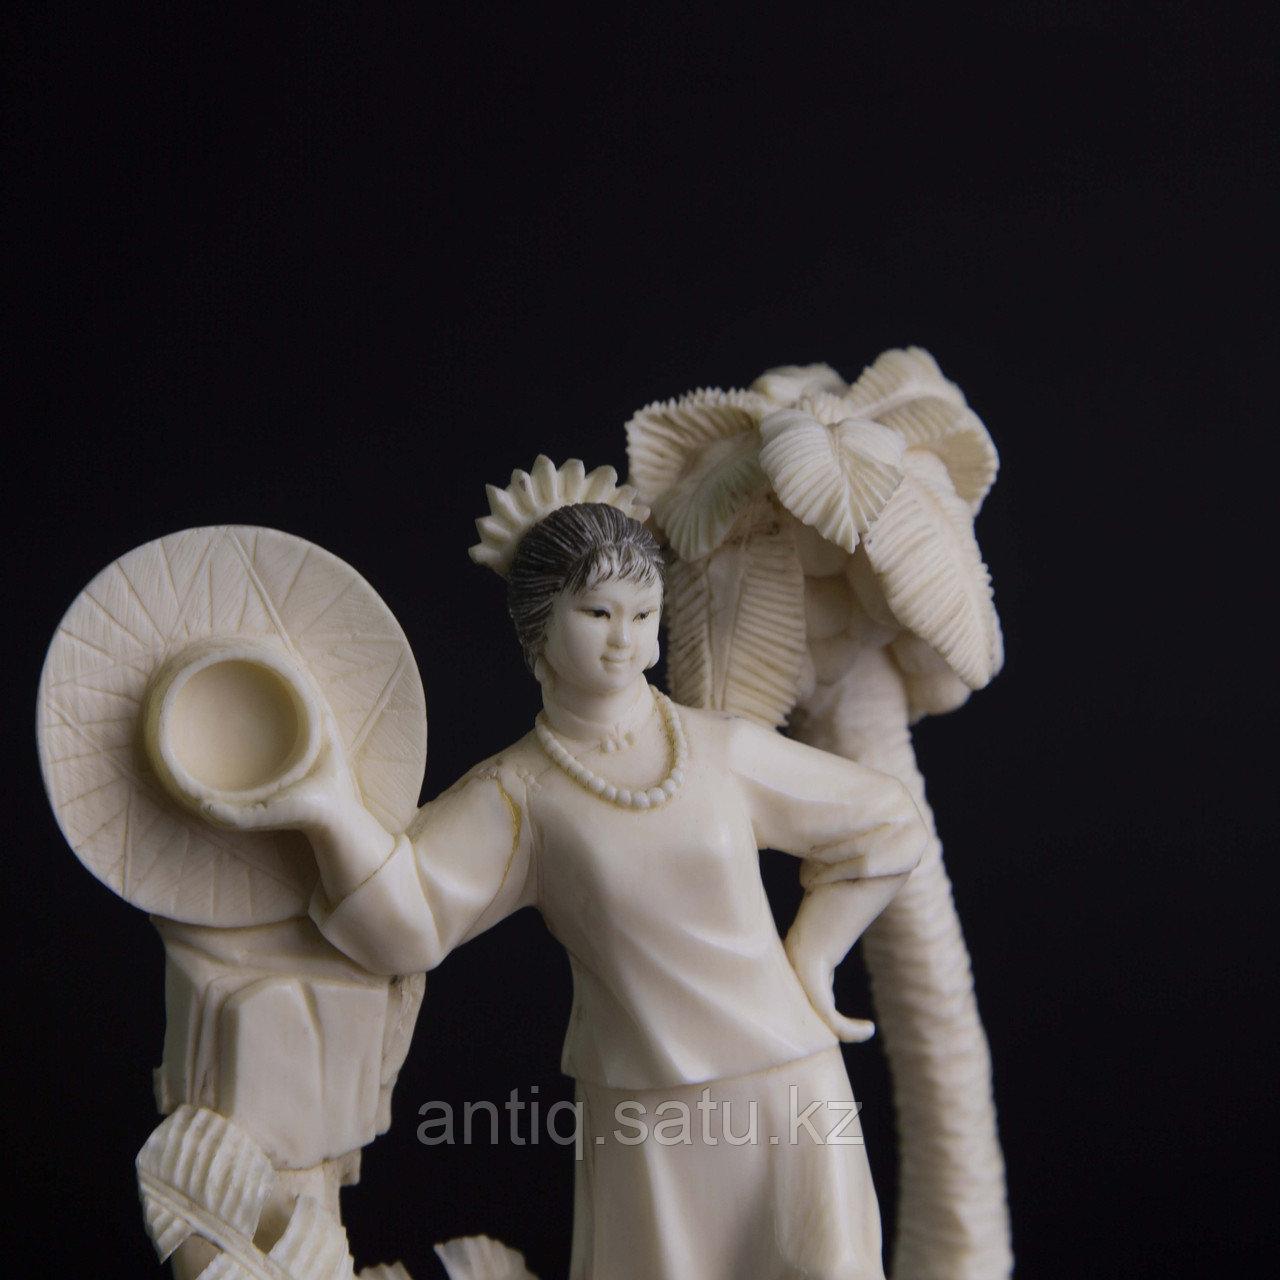 Окимоно из слоновой кости «Летнее фото» Япония, первая половина ХХ века. - фото 5